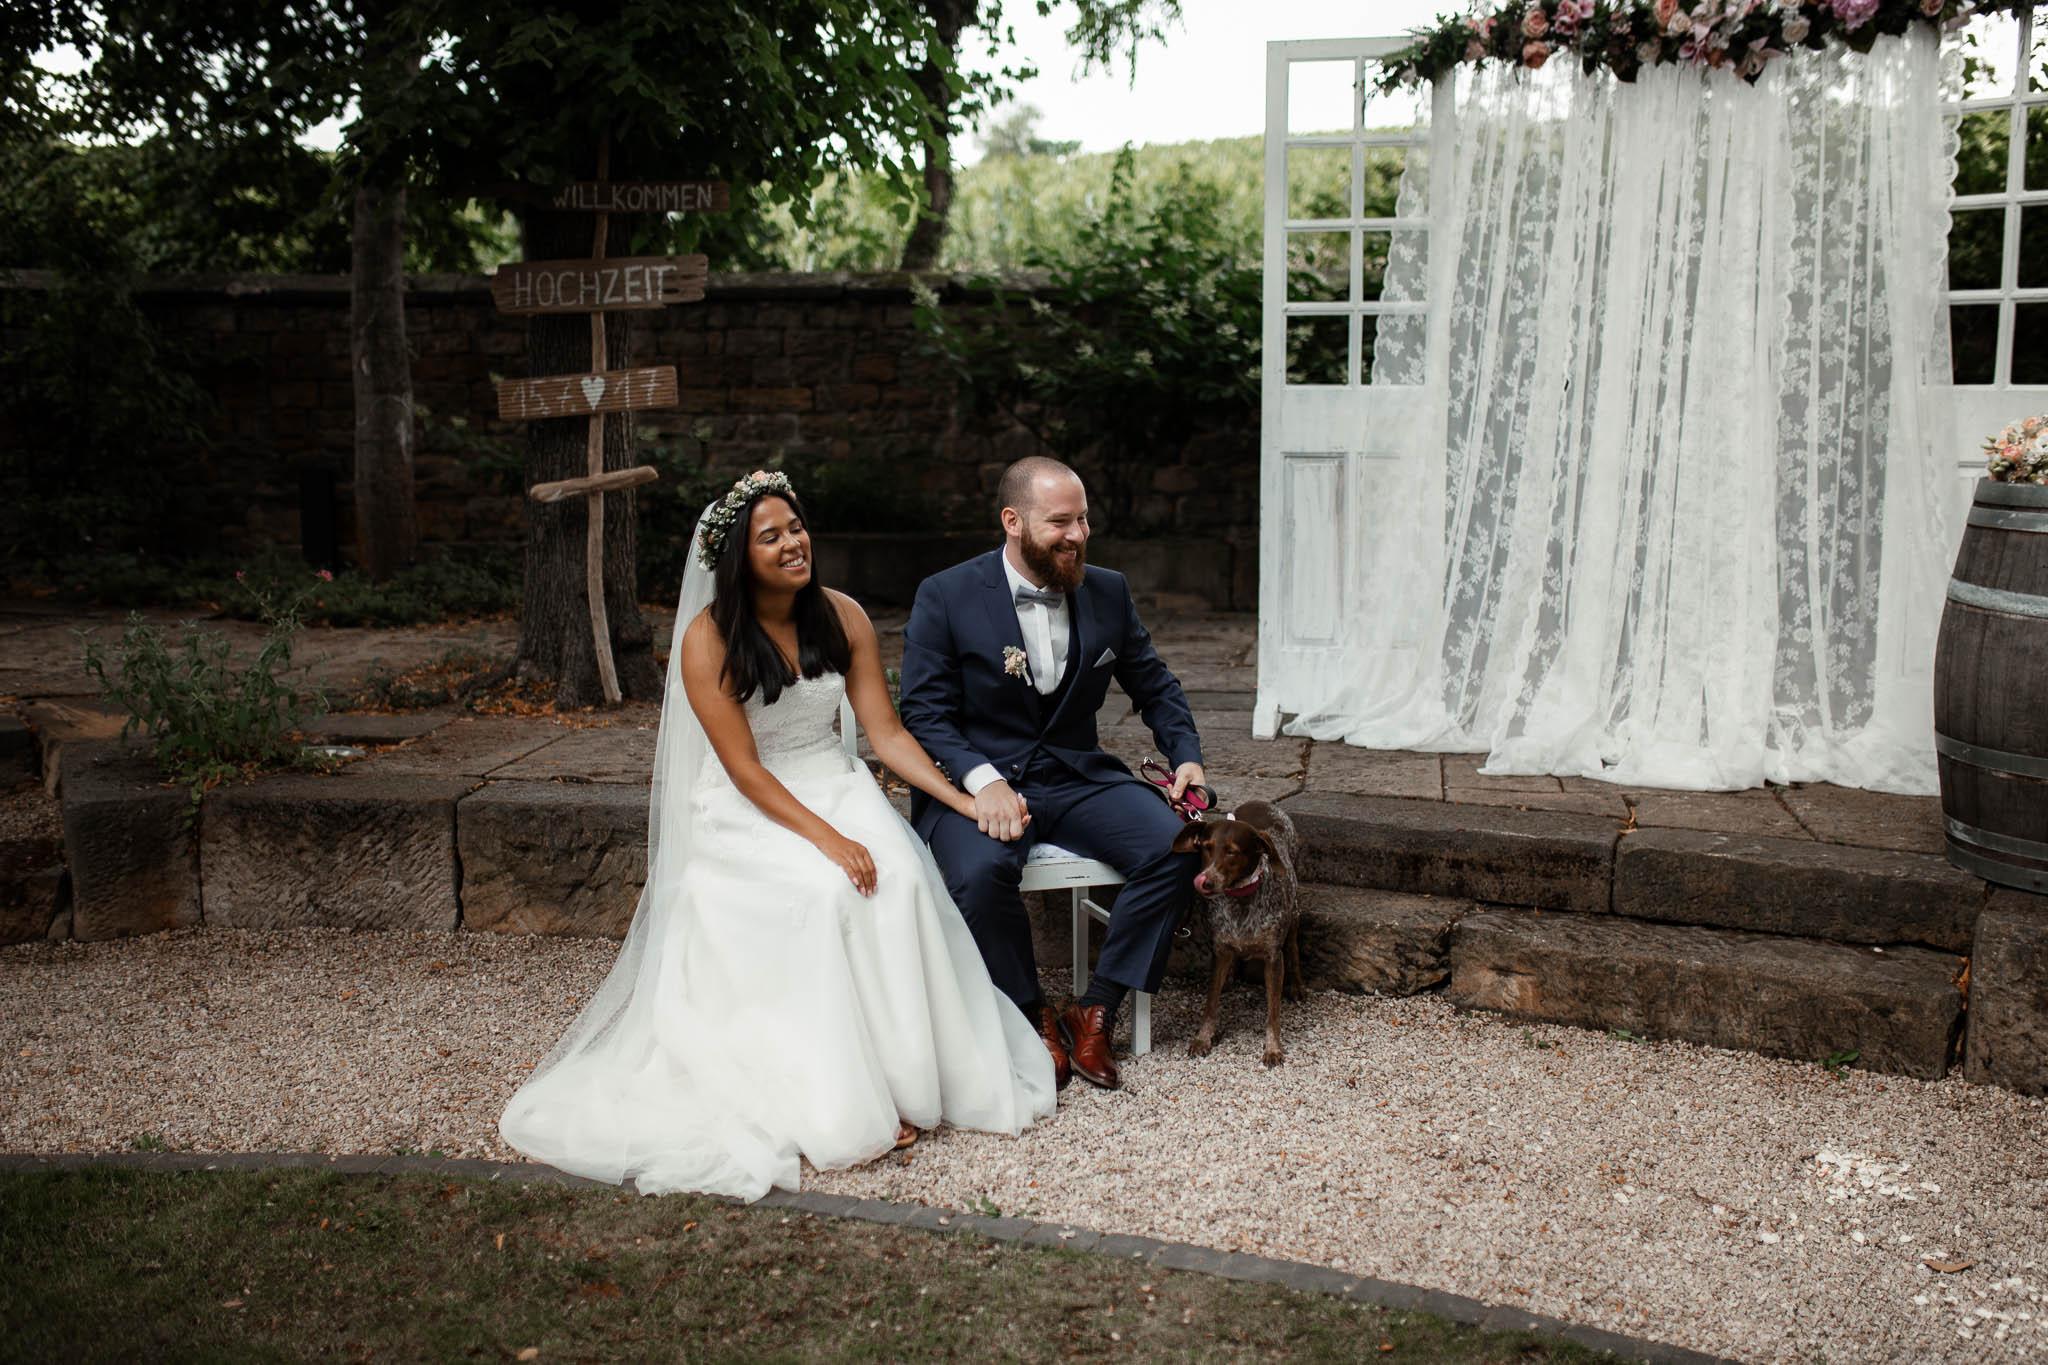 Als Hochzeitsfotograf in Deidesheim: Freie Trauung von Raquel & Philipp 40